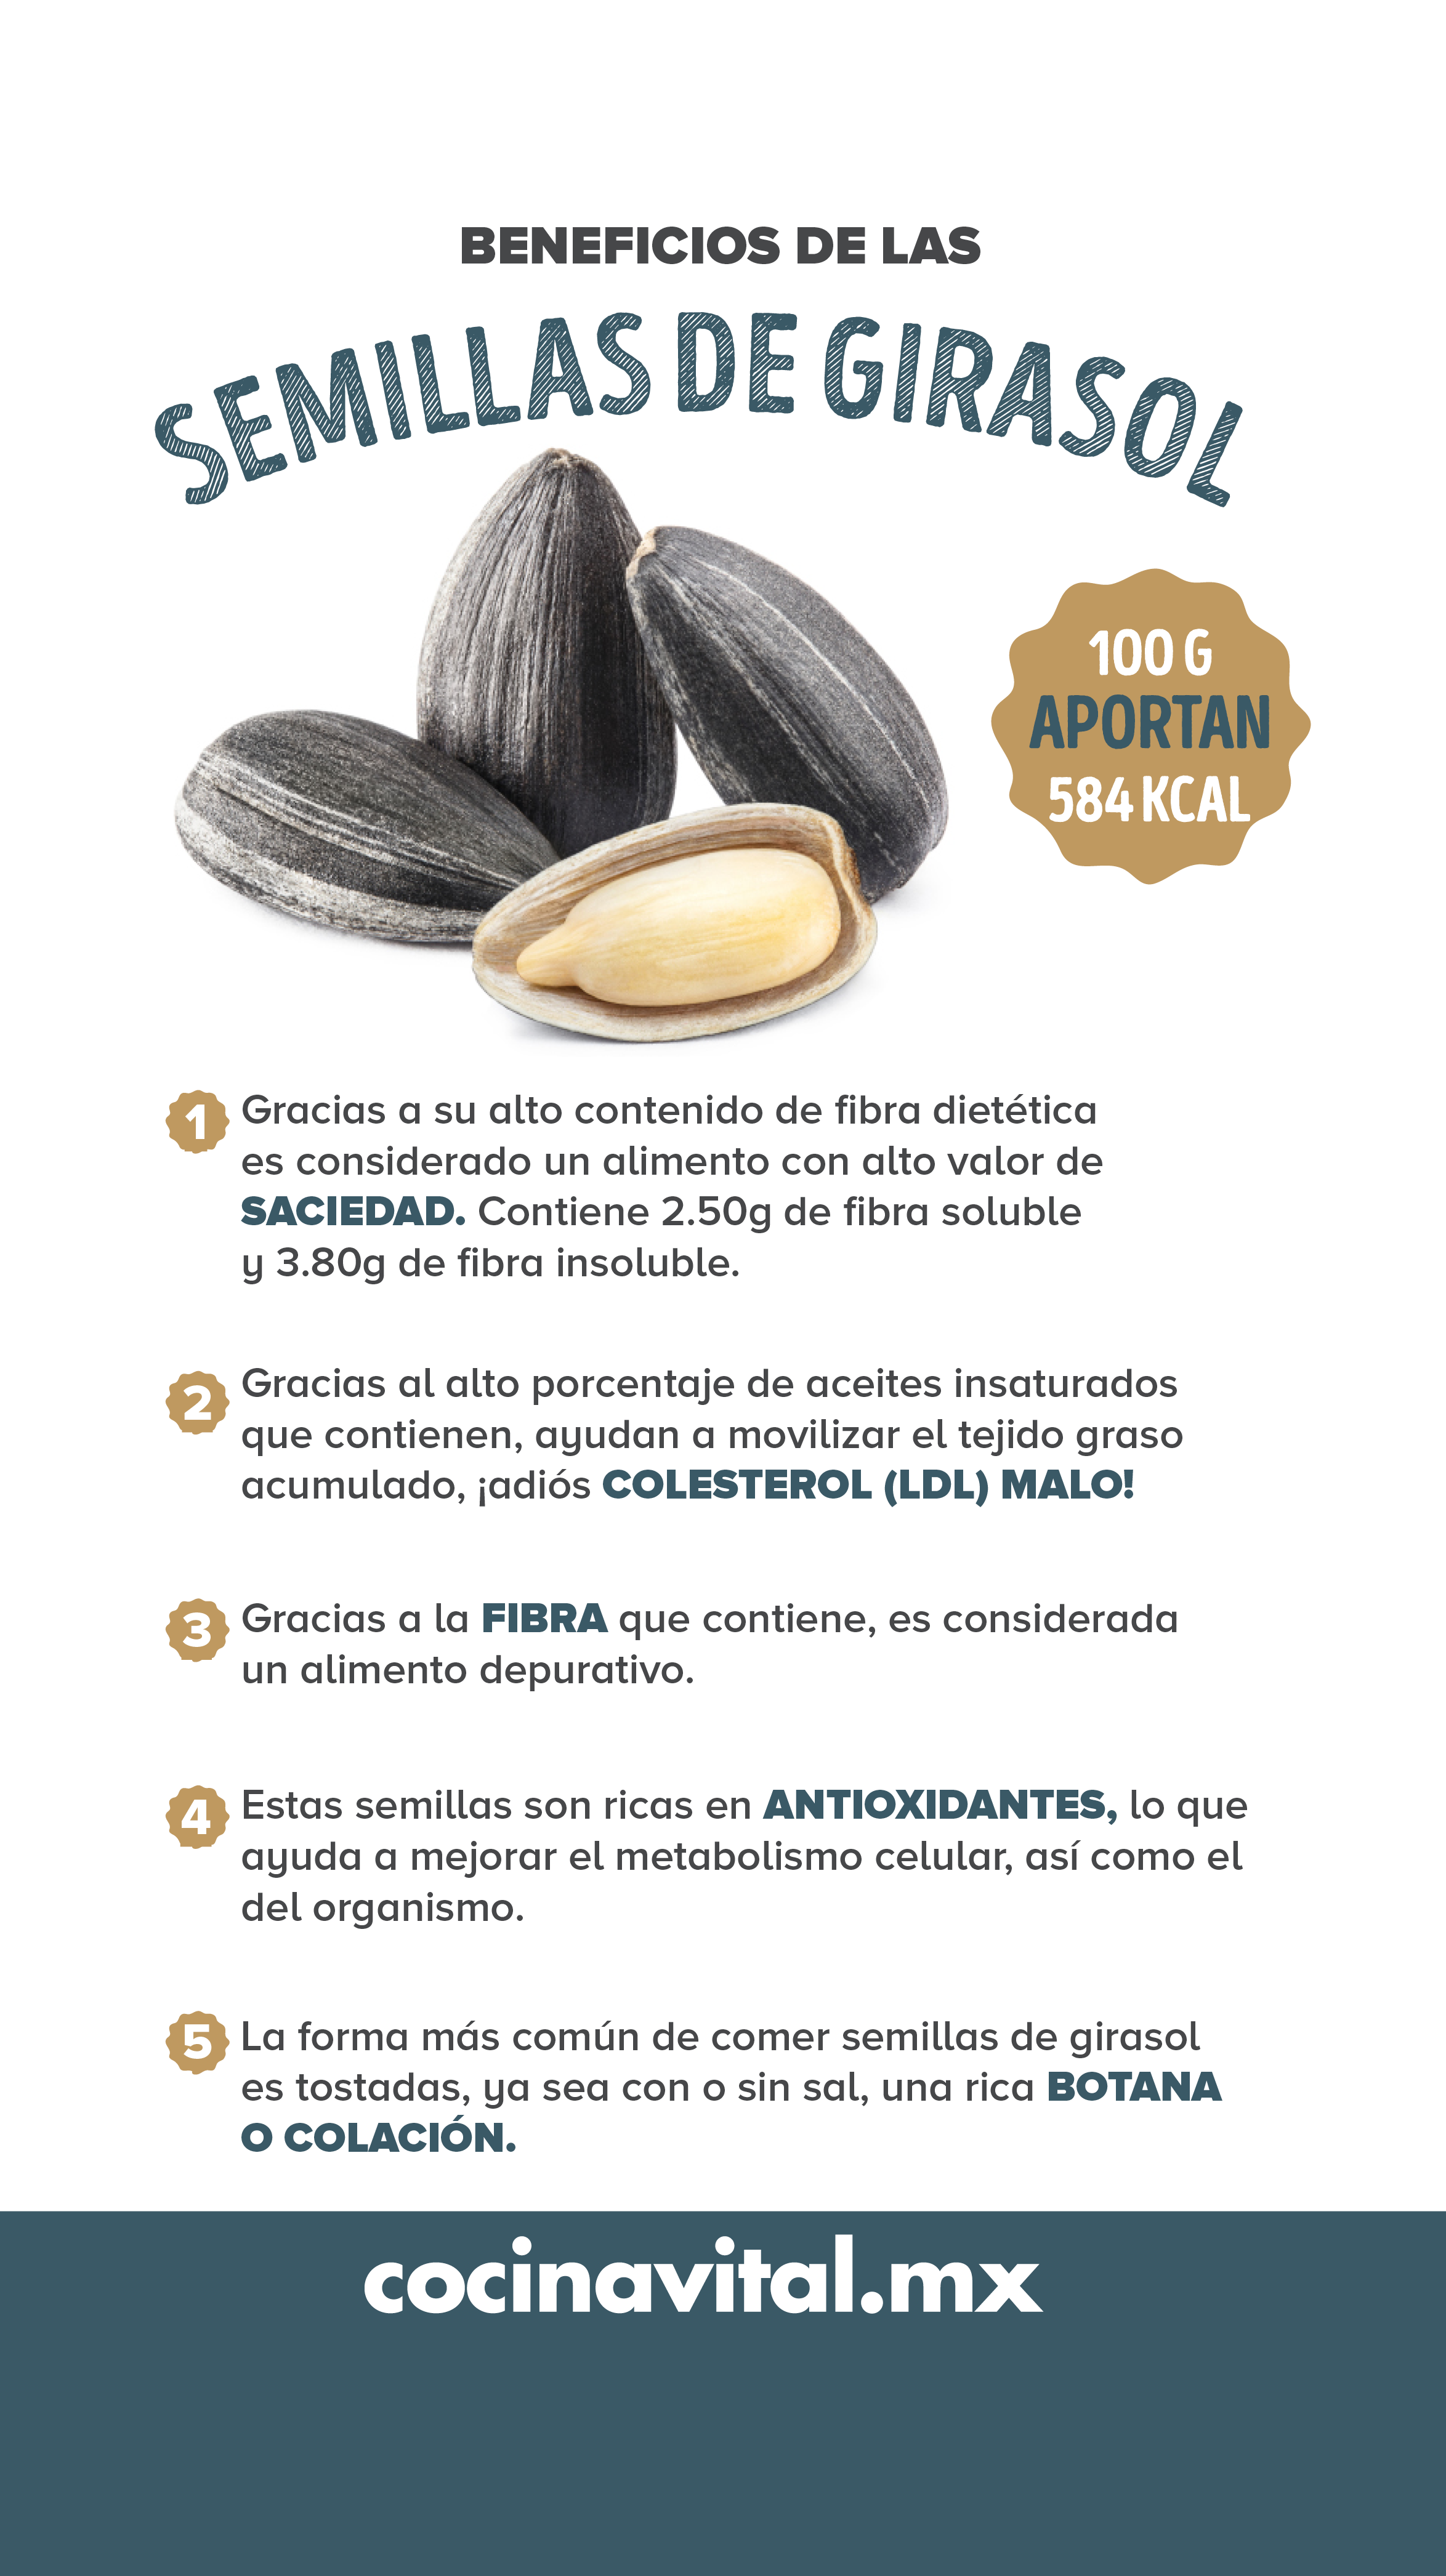 Beneficios De Las Semillas De Girasol Para Bajar De Peso Frutas Y Verduras Beneficios Beneficios De Alimentos Tips Nutricion